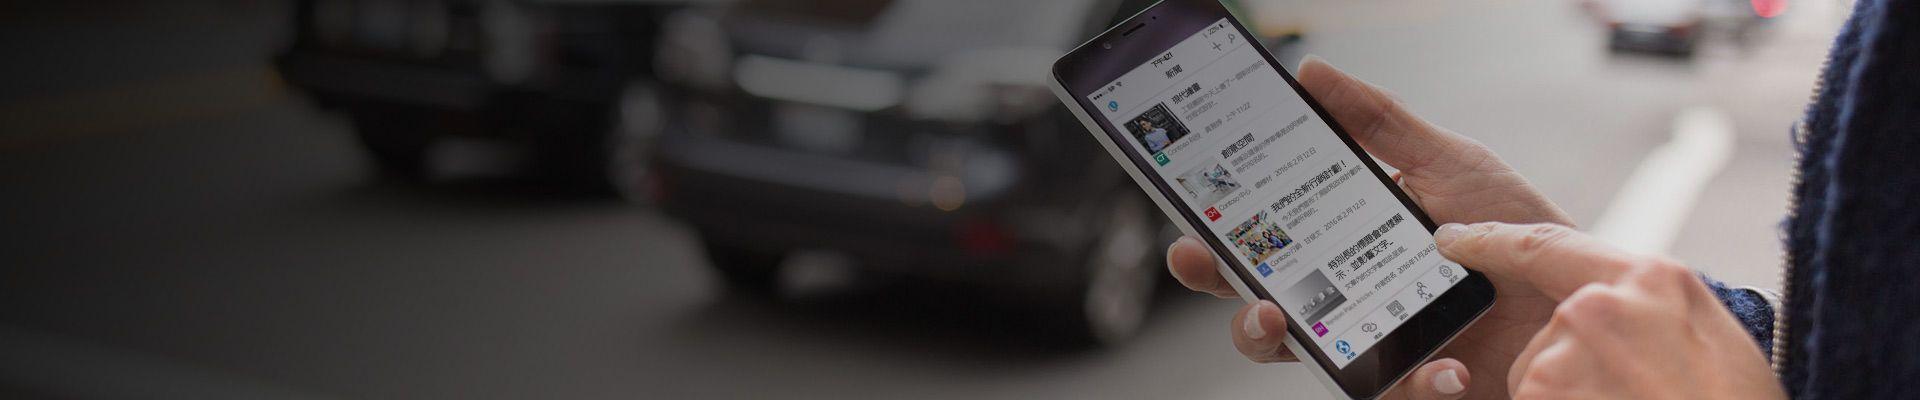 顯示 SharePoint 網站新訊的智慧型手機